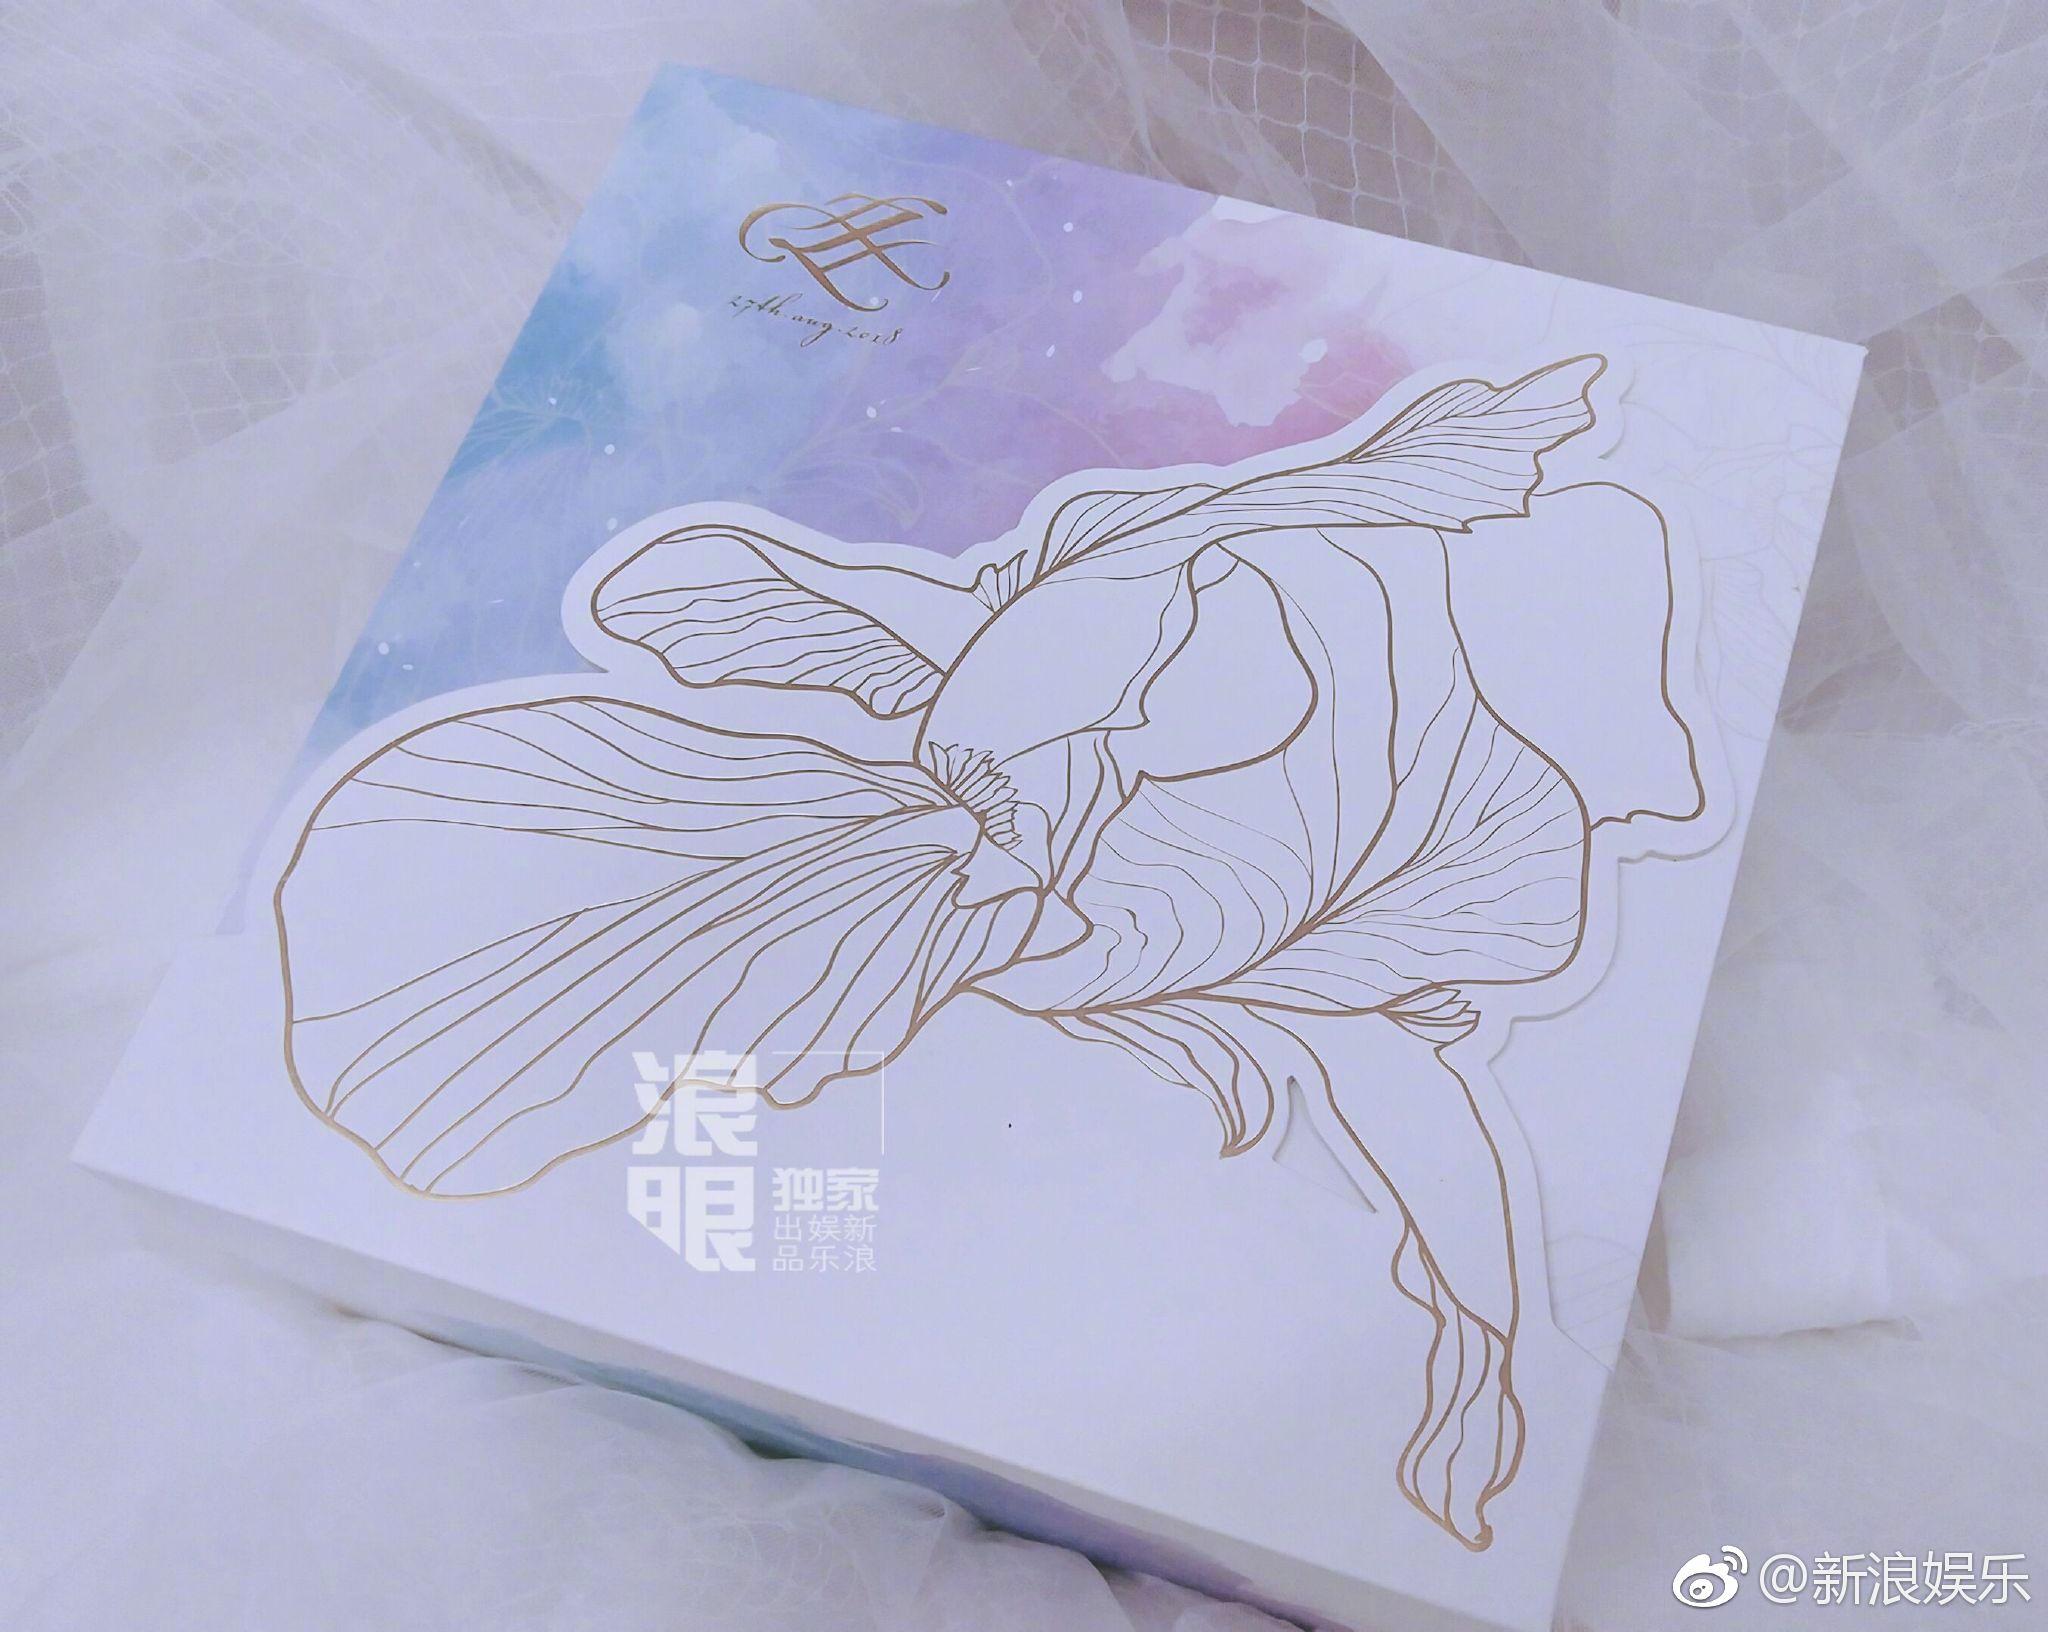 张馨予婚礼伴手礼曝光,网友:没想到这么朴实